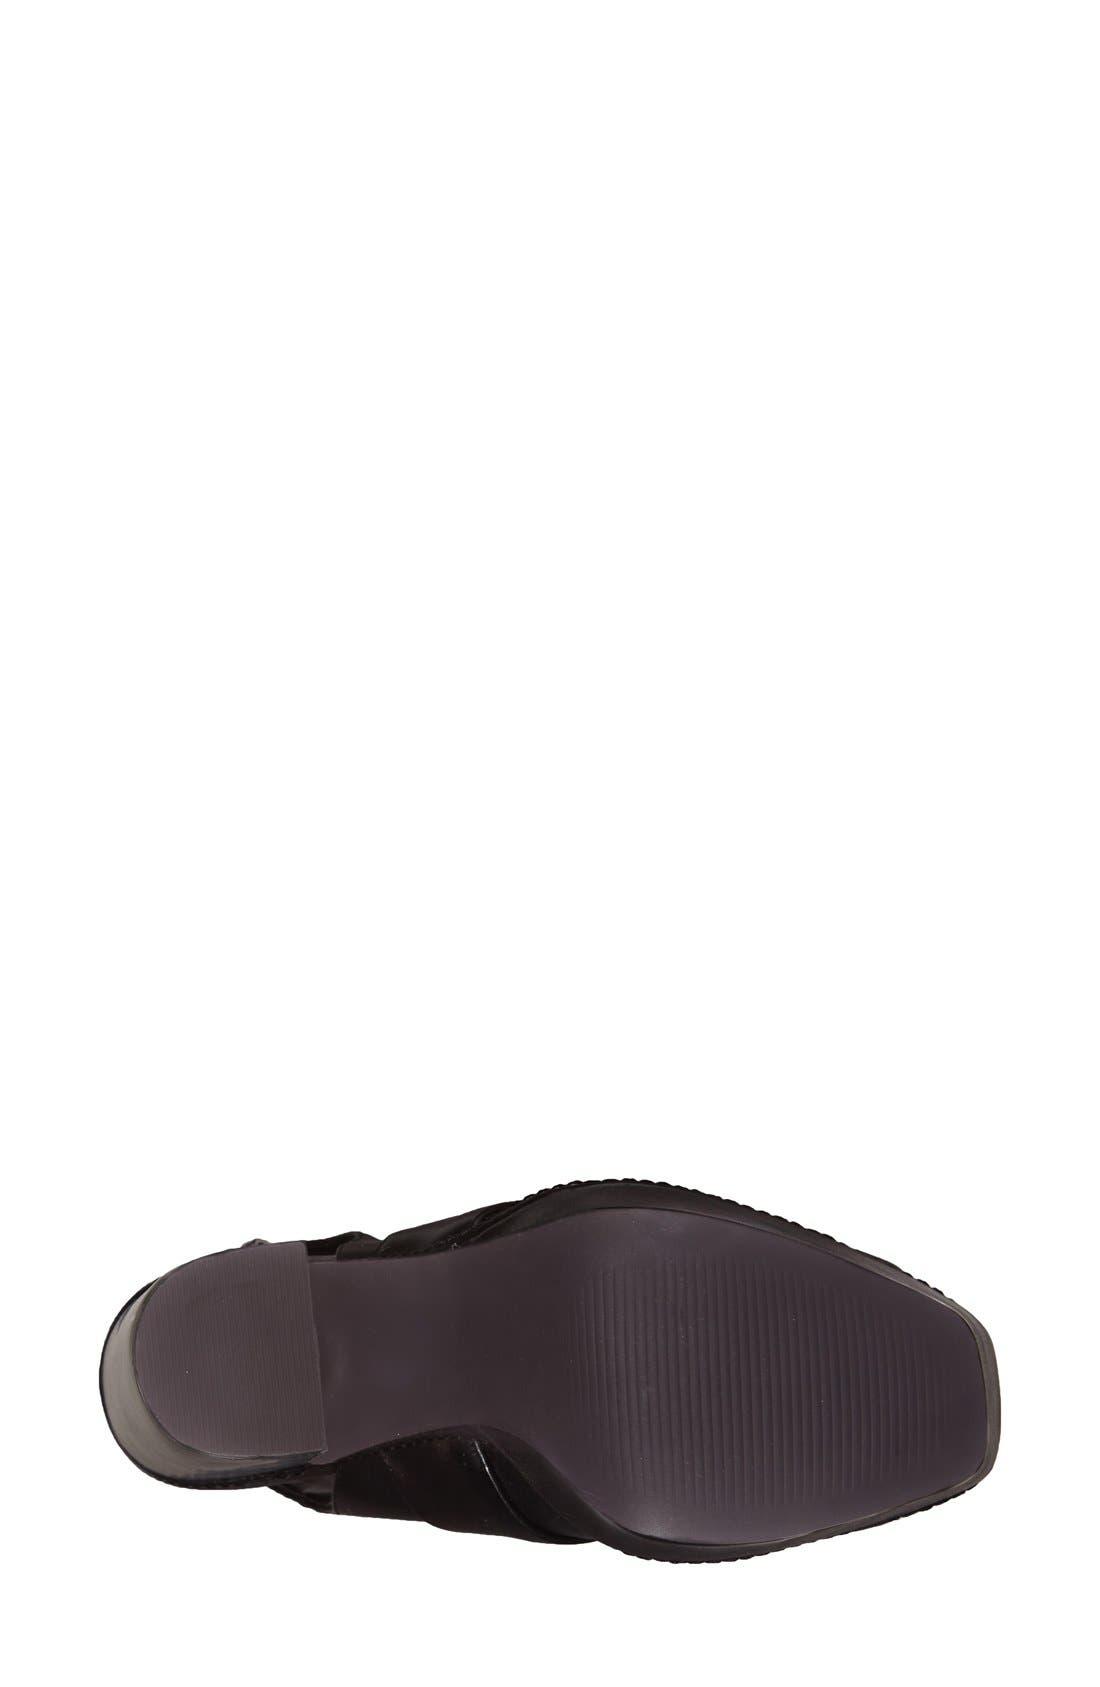 Alternate Image 4  - Topshop 'Sassy' Platform Sandal